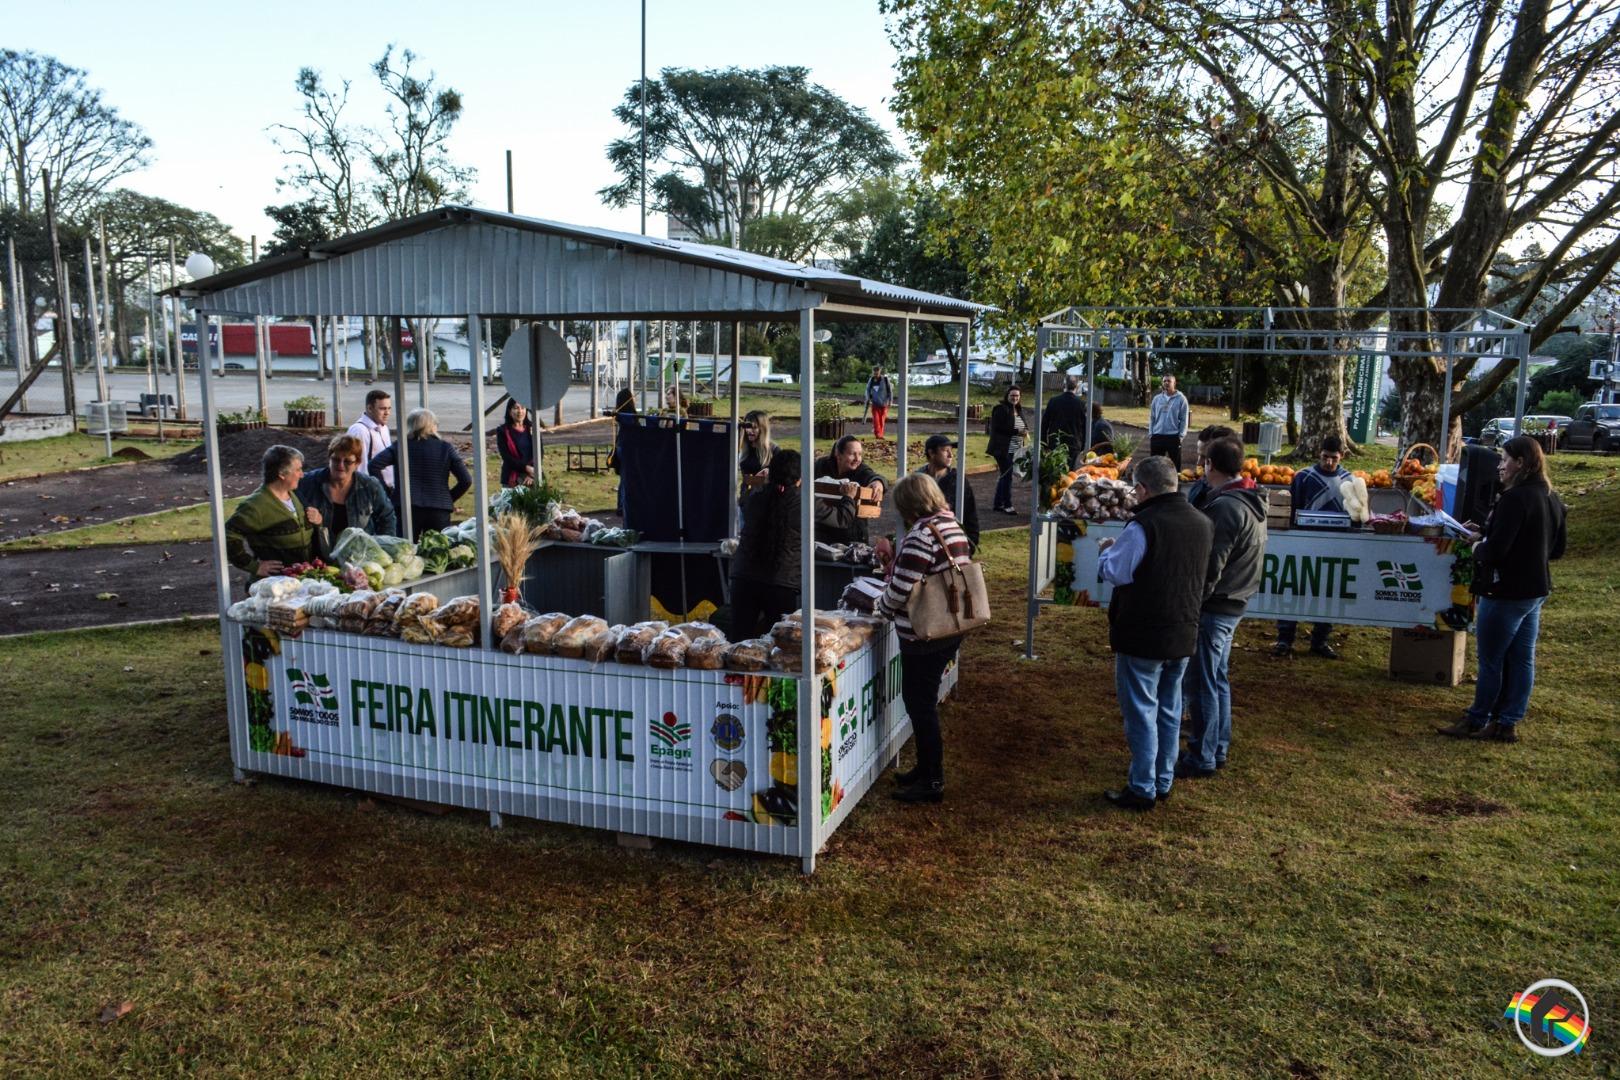 Feira Itinerante é lançada em São Miguel do Oeste